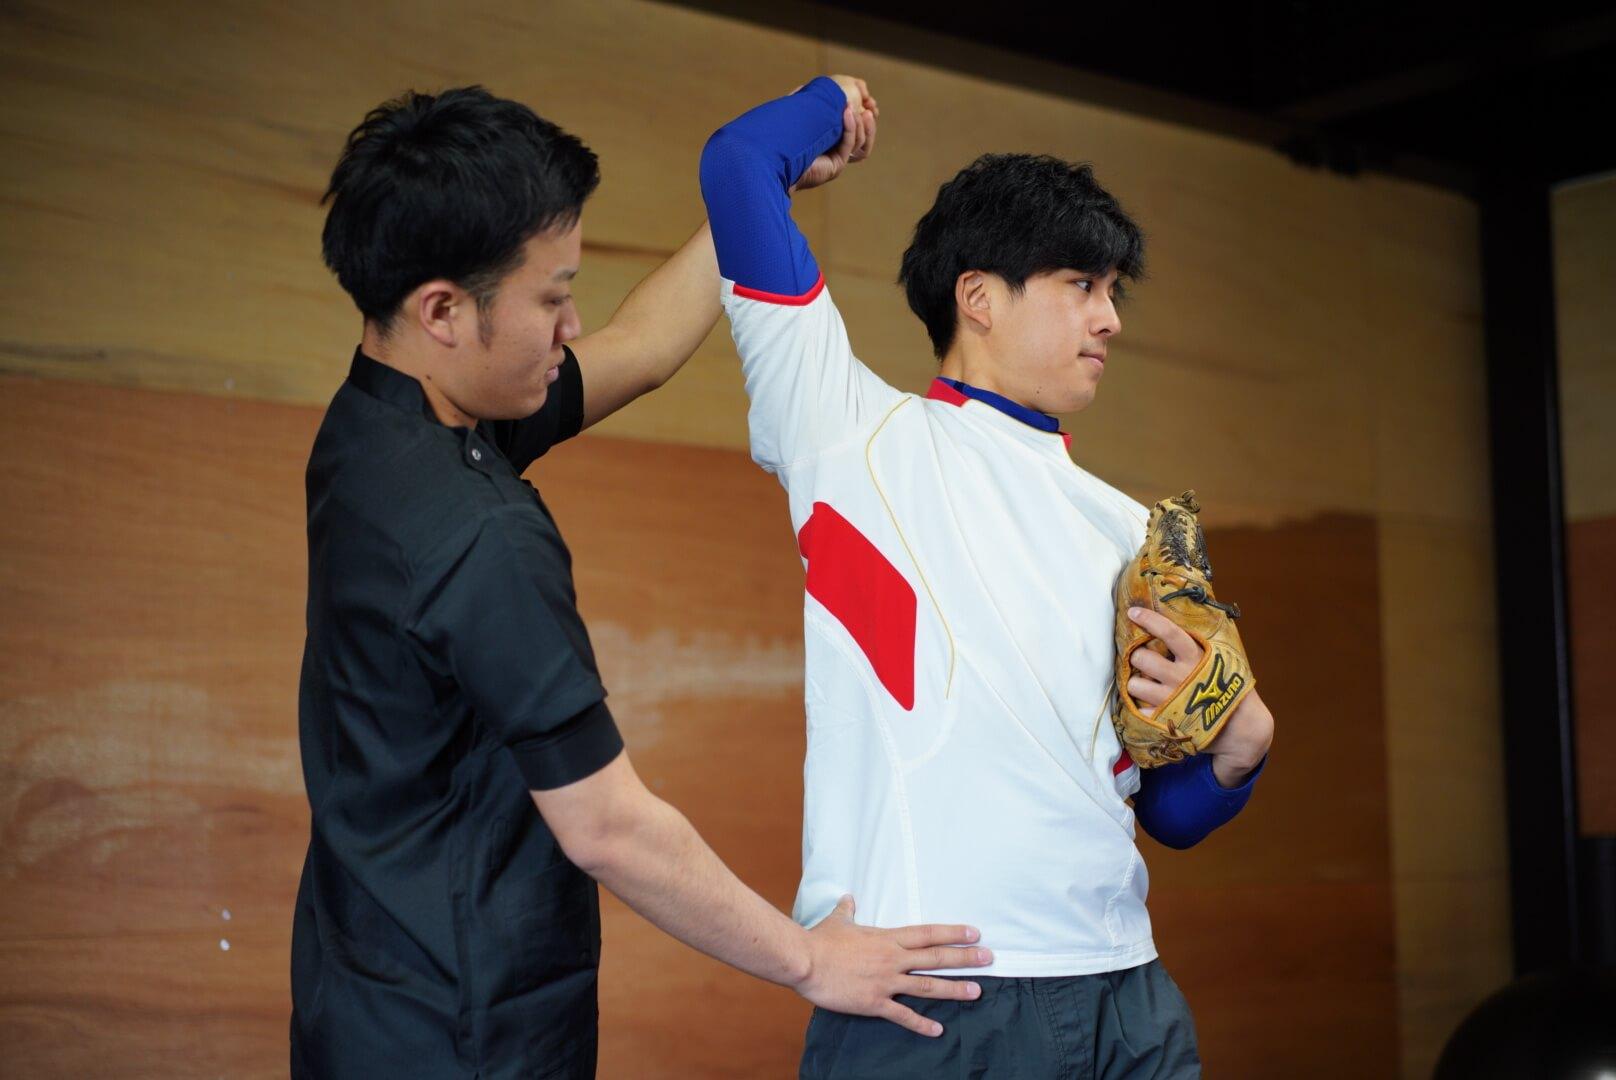 熊本 野球肩のフォーム指導の様子